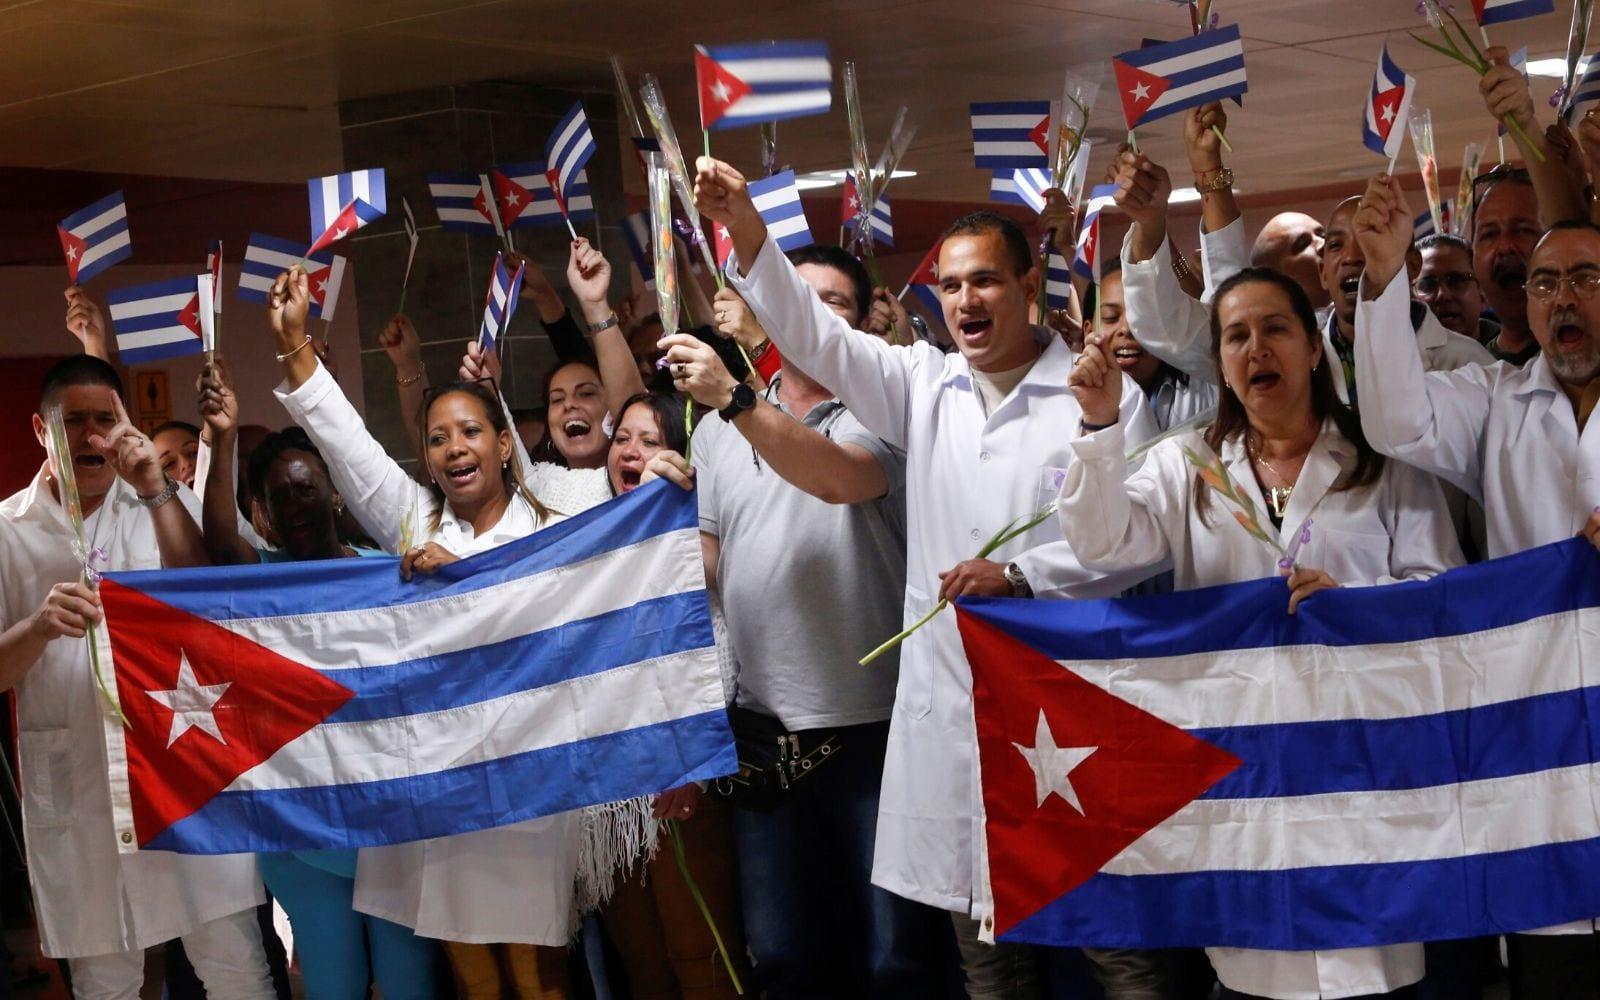 medicos-cubanos-denuncian-maltrato-bolivia